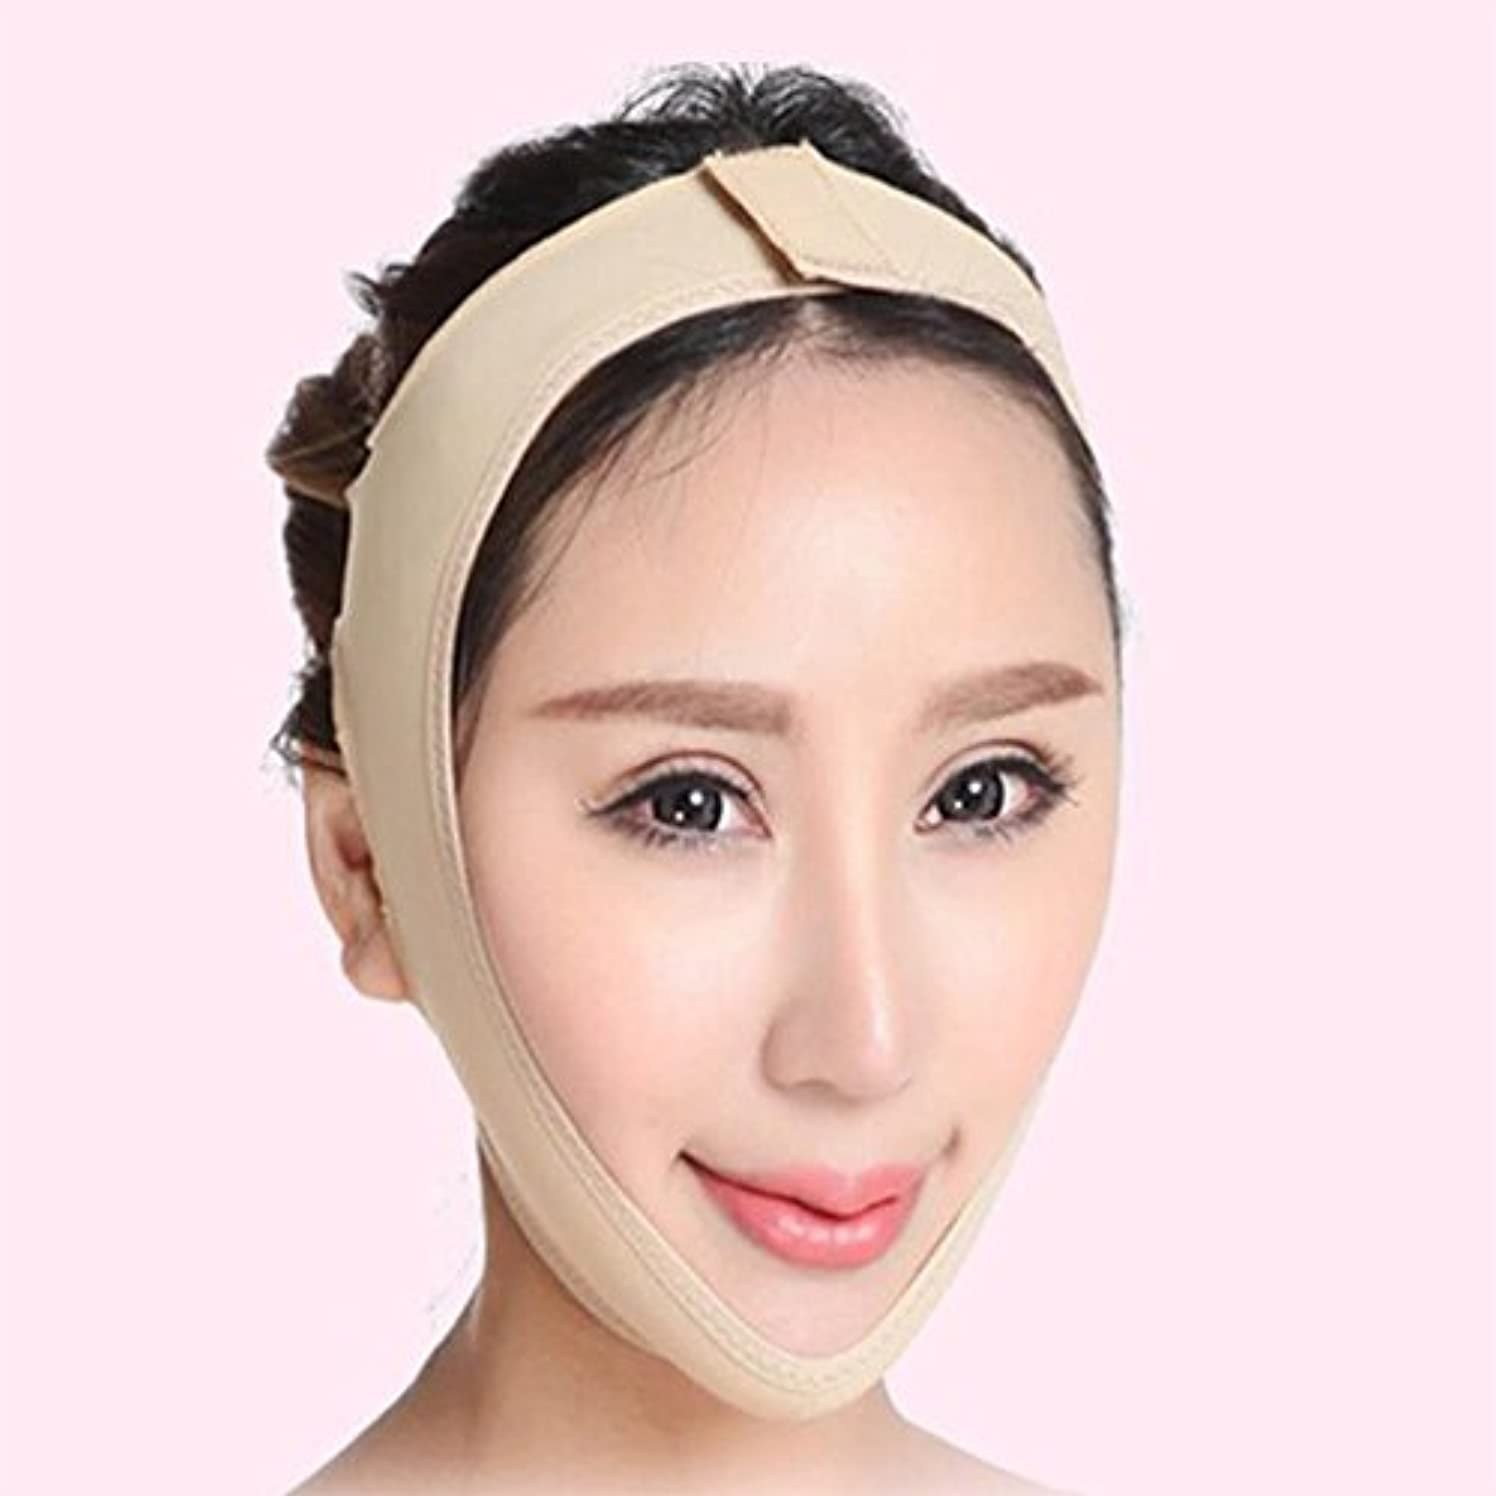 オフ解決ぼかしSD 小顔 小顔マスク リフトアップ マスク フェイスライン 矯正 あご シャープ メンズ レディース XLサイズ AZD15003-XL